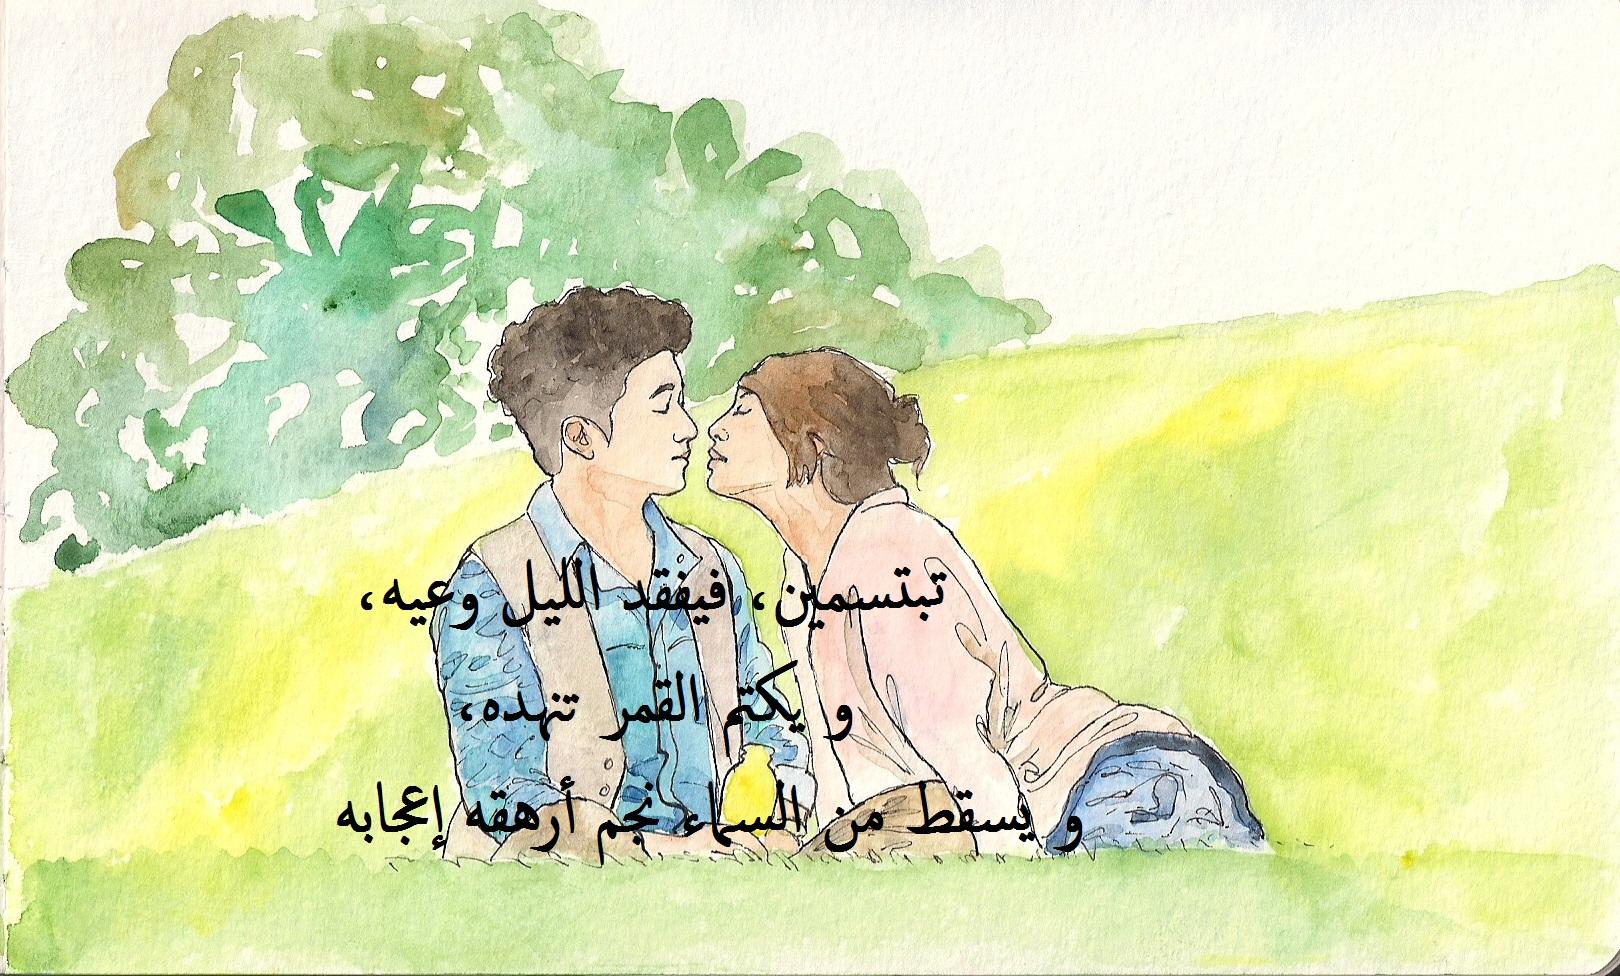 صورة رومانسية لعاشقين مكتوب فيها كلام حب.